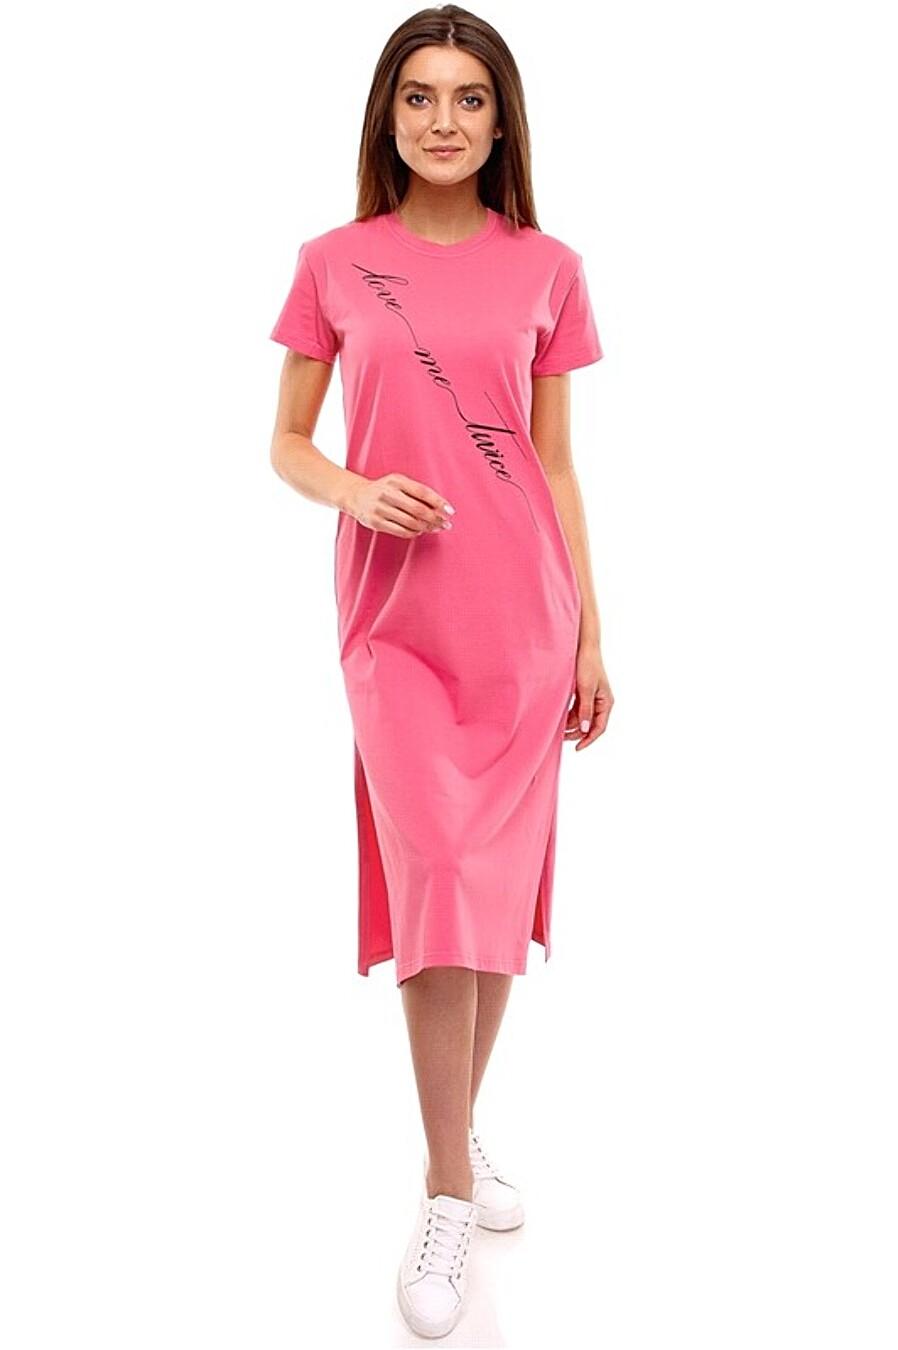 Платье для женщин АПРЕЛЬ 218908 купить оптом от производителя. Совместная покупка женской одежды в OptMoyo